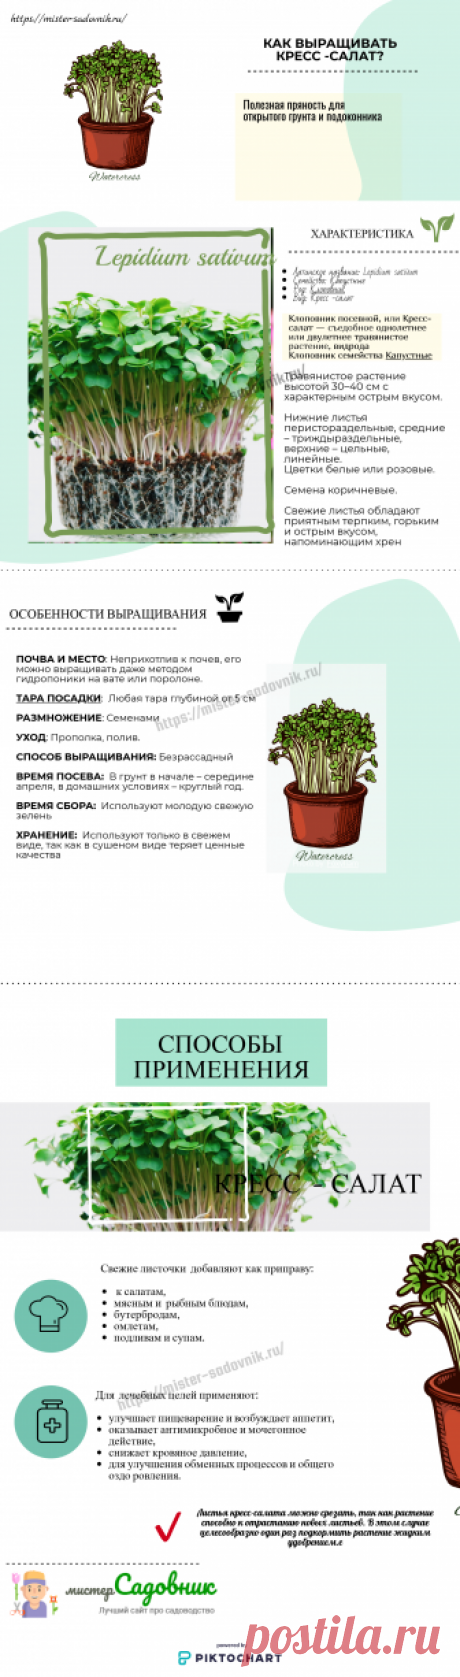 Как выращивать кресс-салат в домашних условиях и на даче